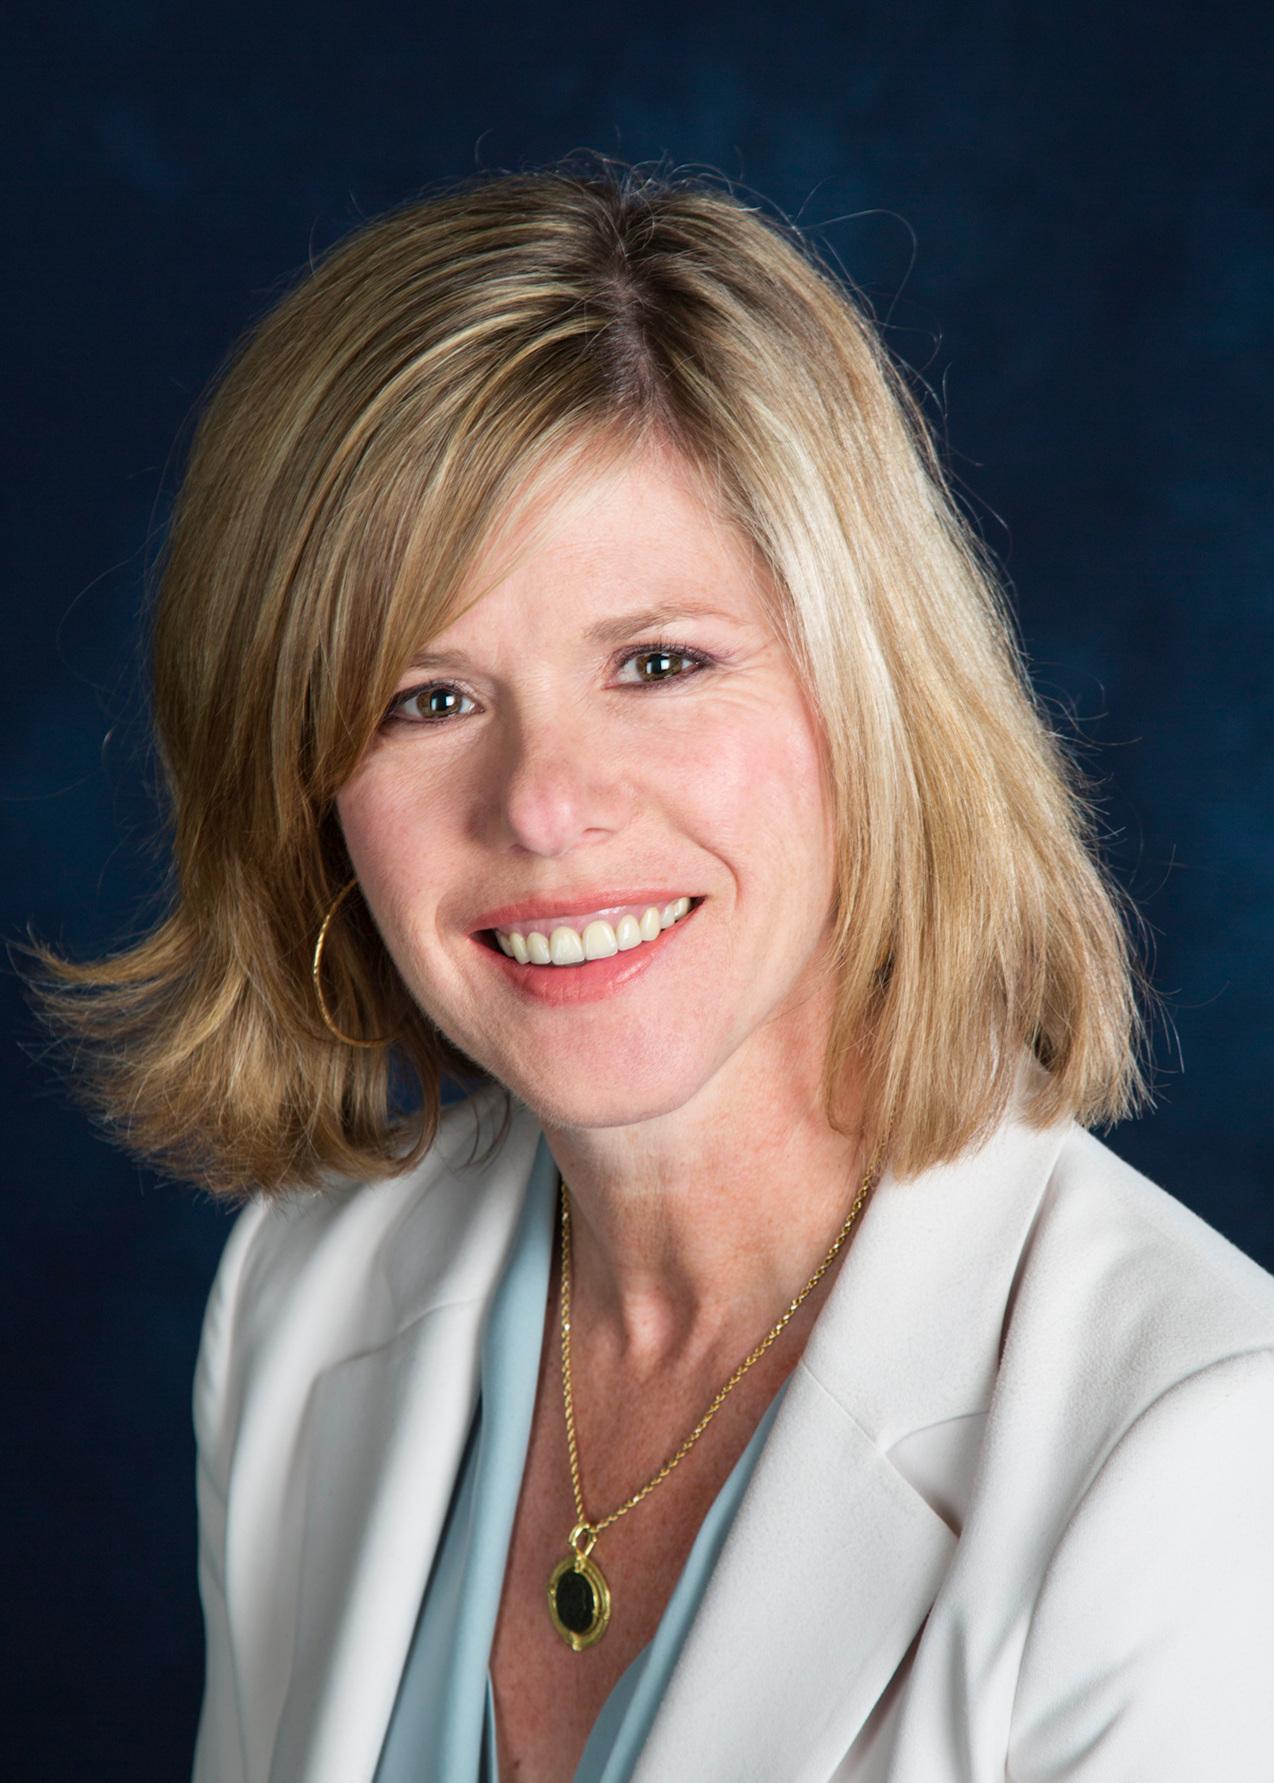 Everett City Councilmember, Brenda Stonecipher